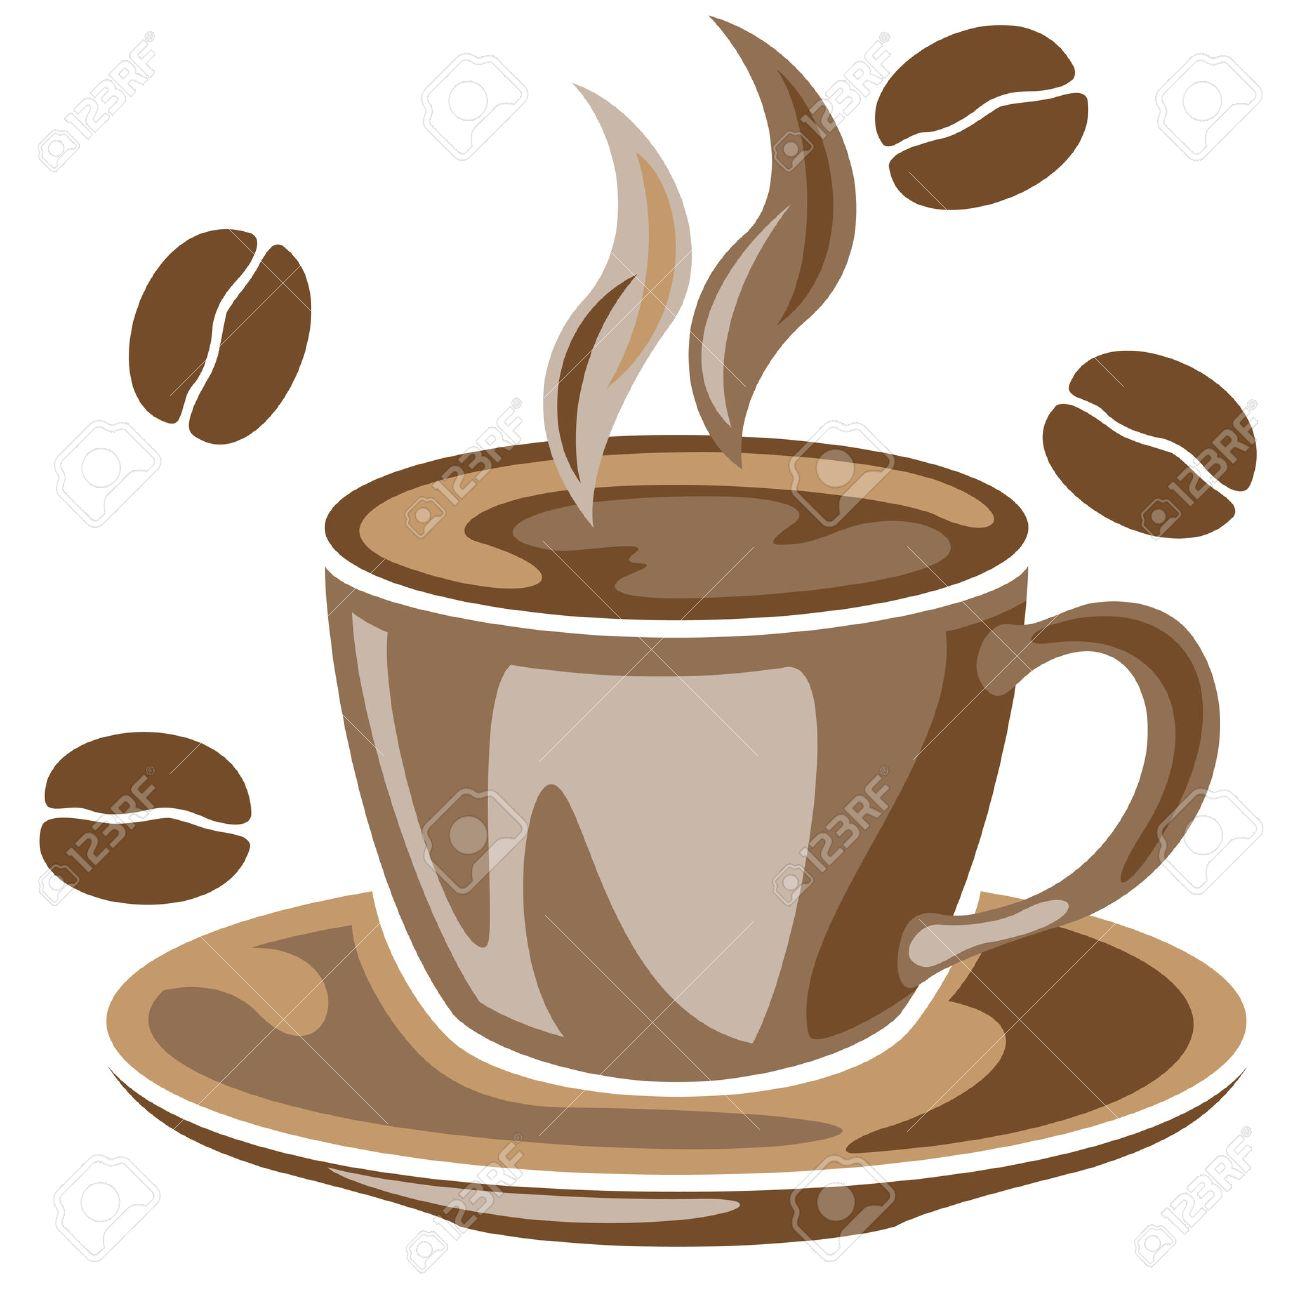 Dessin Tasse De Café Fumant une tasse de café fumant et des grains de café dessin clip art